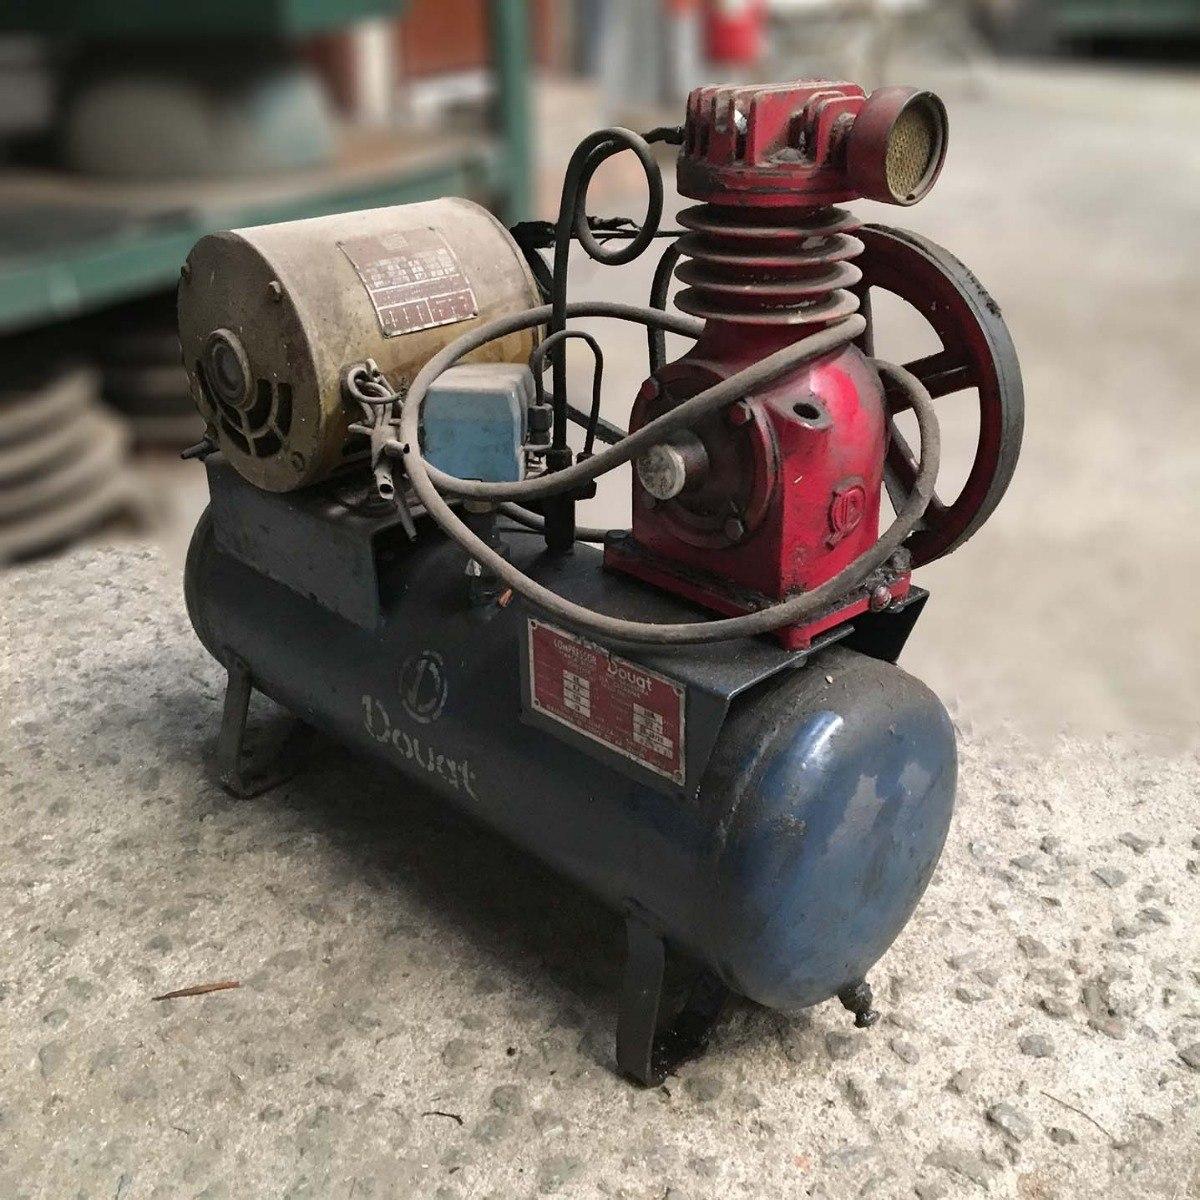 e008b59e72f compressor de ar marca douat ap19 - usado. Carregando zoom.